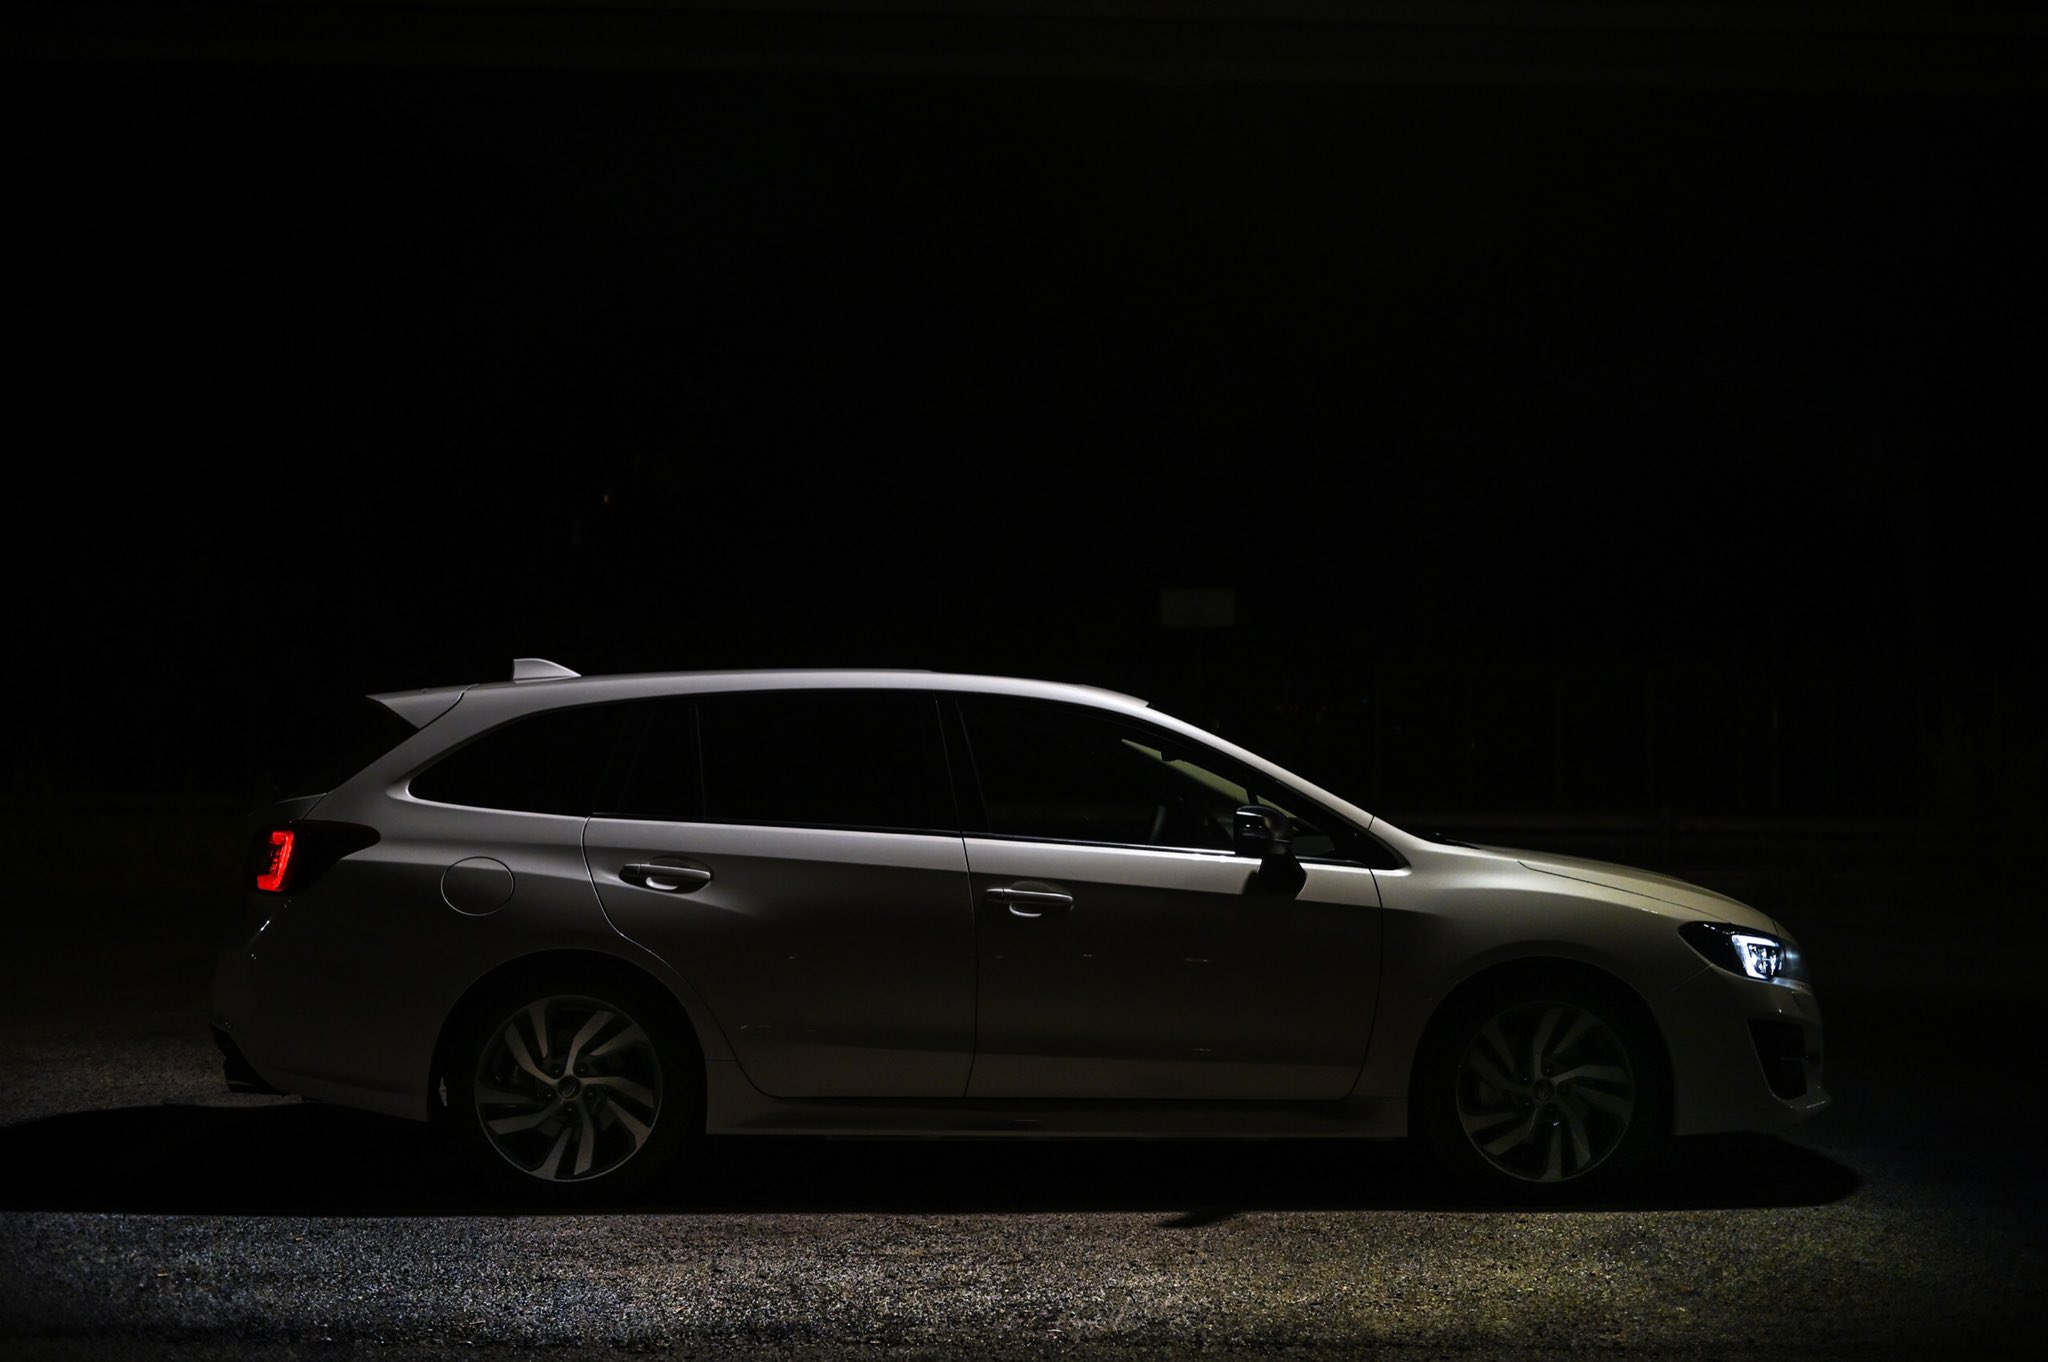 """#NewLevorg #Subaru """"teatrale"""" s'apra il sipario 😇🥇 https://t.co/22gXt47fNp"""